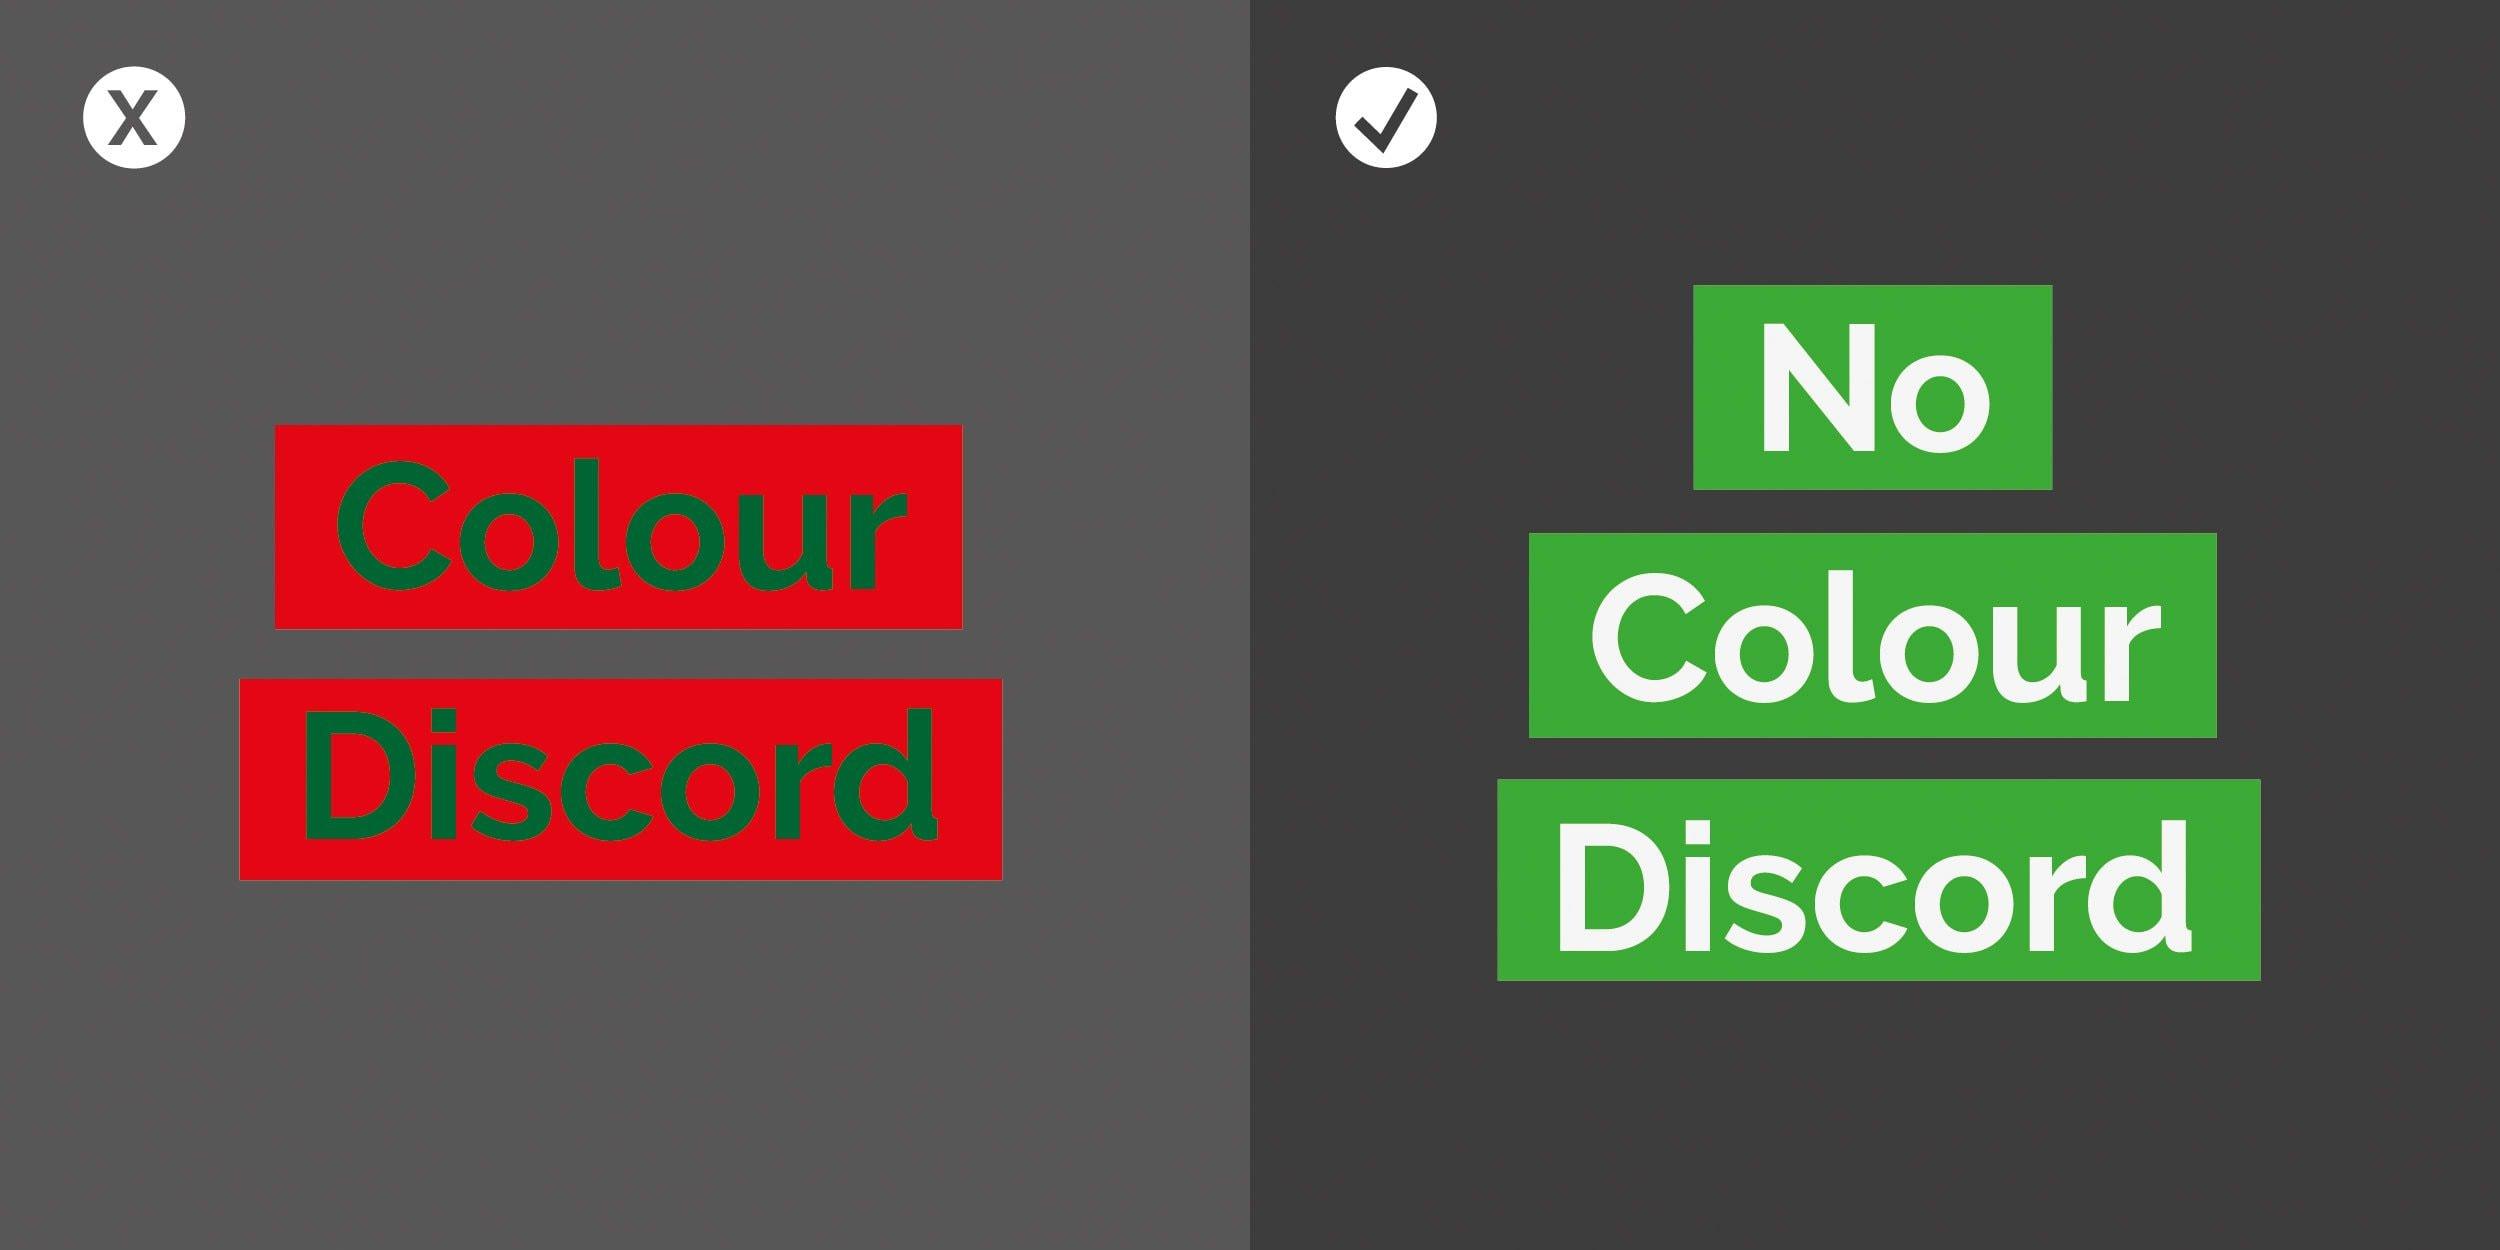 ColourDiscord